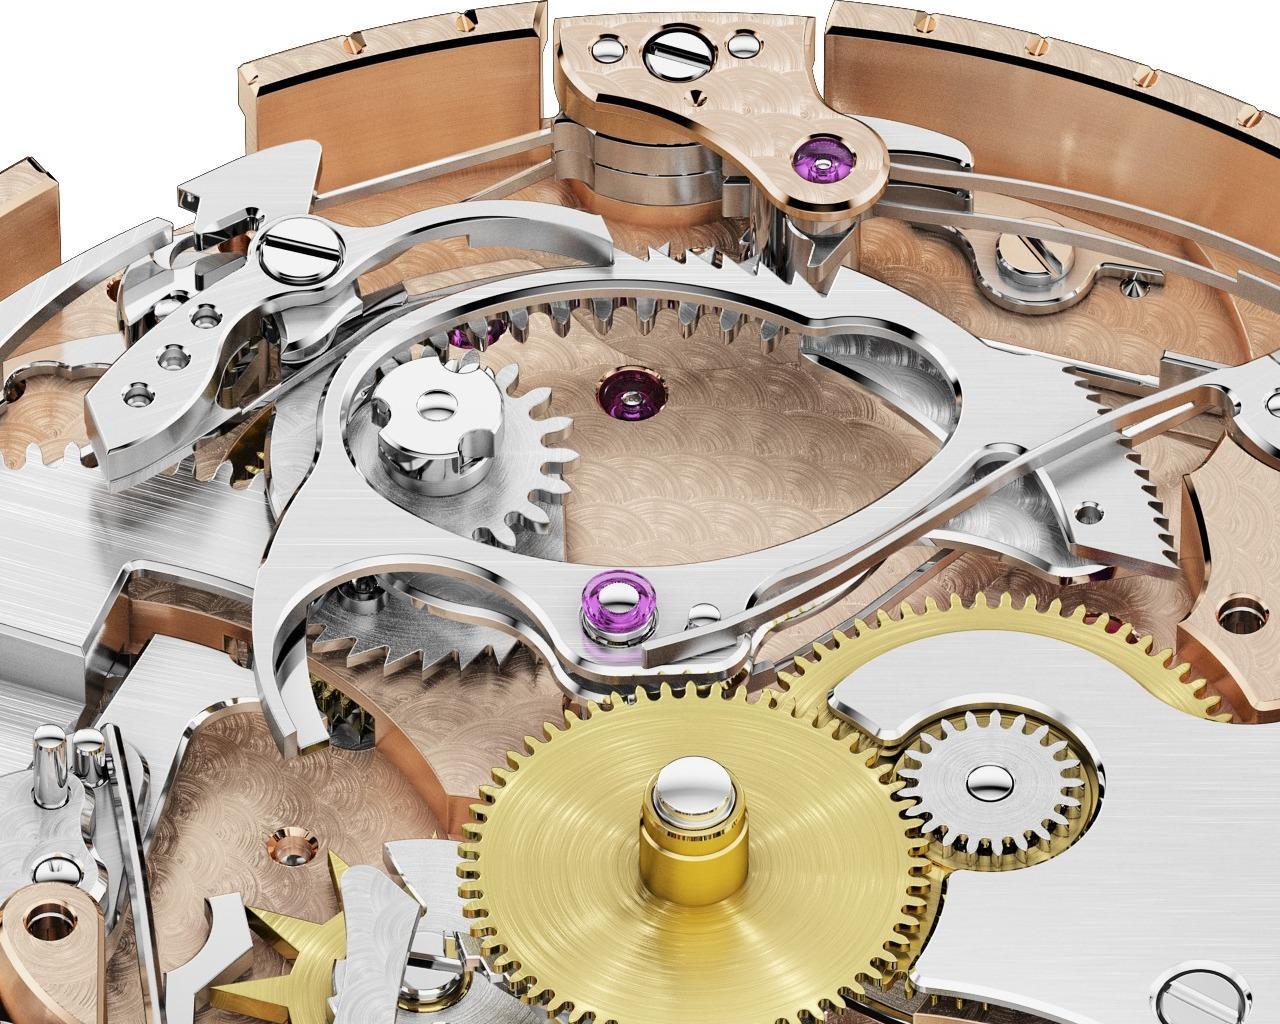 roger-dubuis-hommage-ripetizione-minuti-tourbillon-automatico-limited-edition-0-100_9